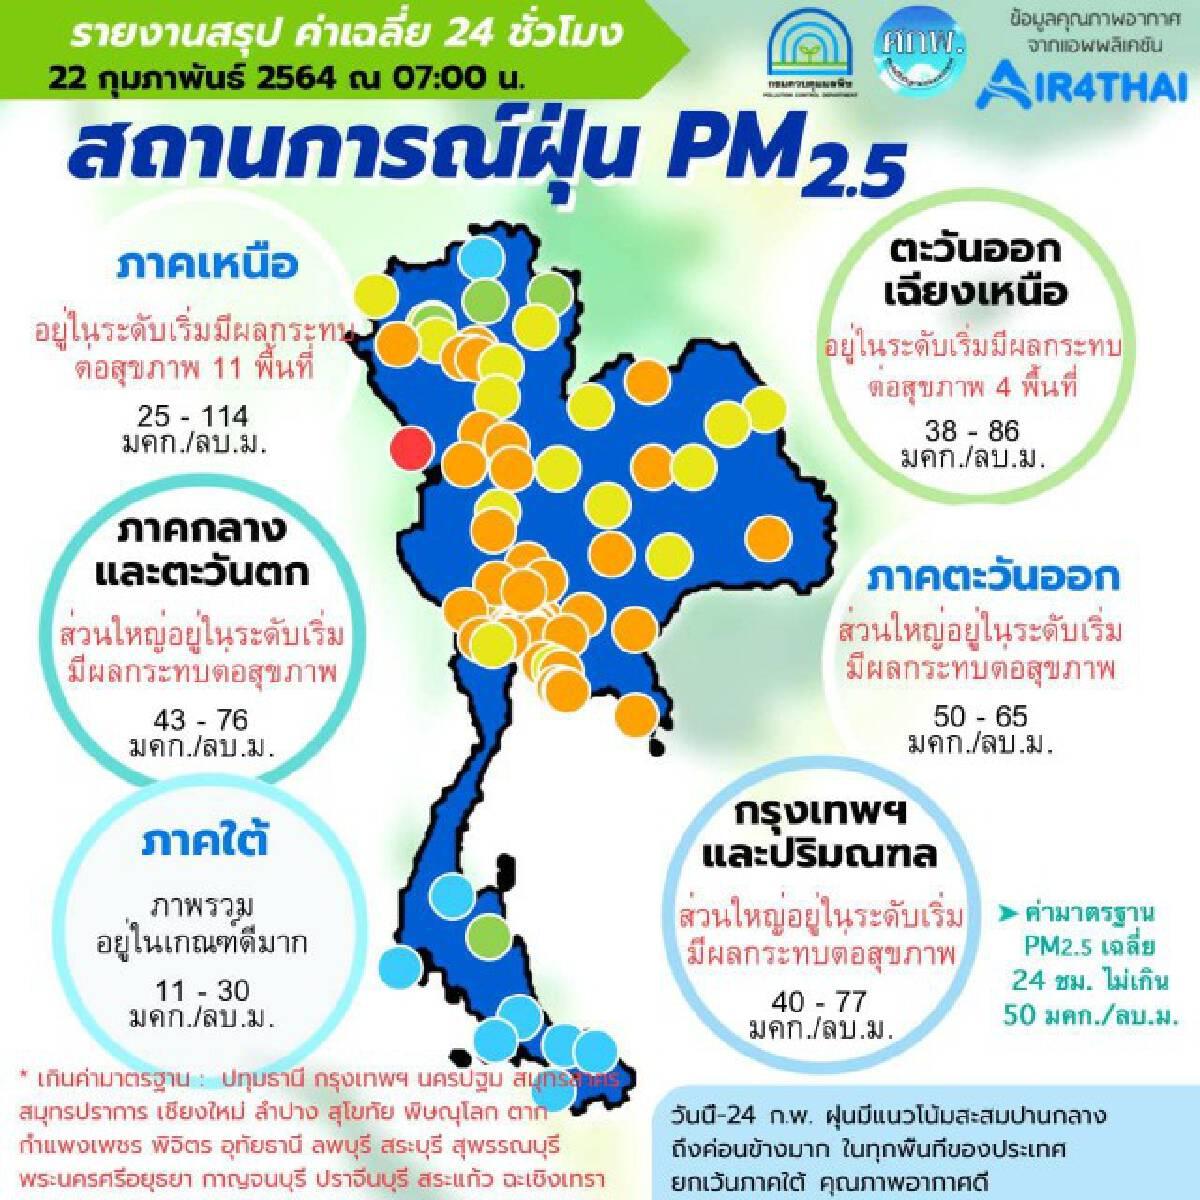 """""""PM2.5"""" เกินมาตรฐาน 29 จังหวัด """"แม่สอด"""" หนักสุด-""""กทม."""" เกิน 54 พื้นที่"""